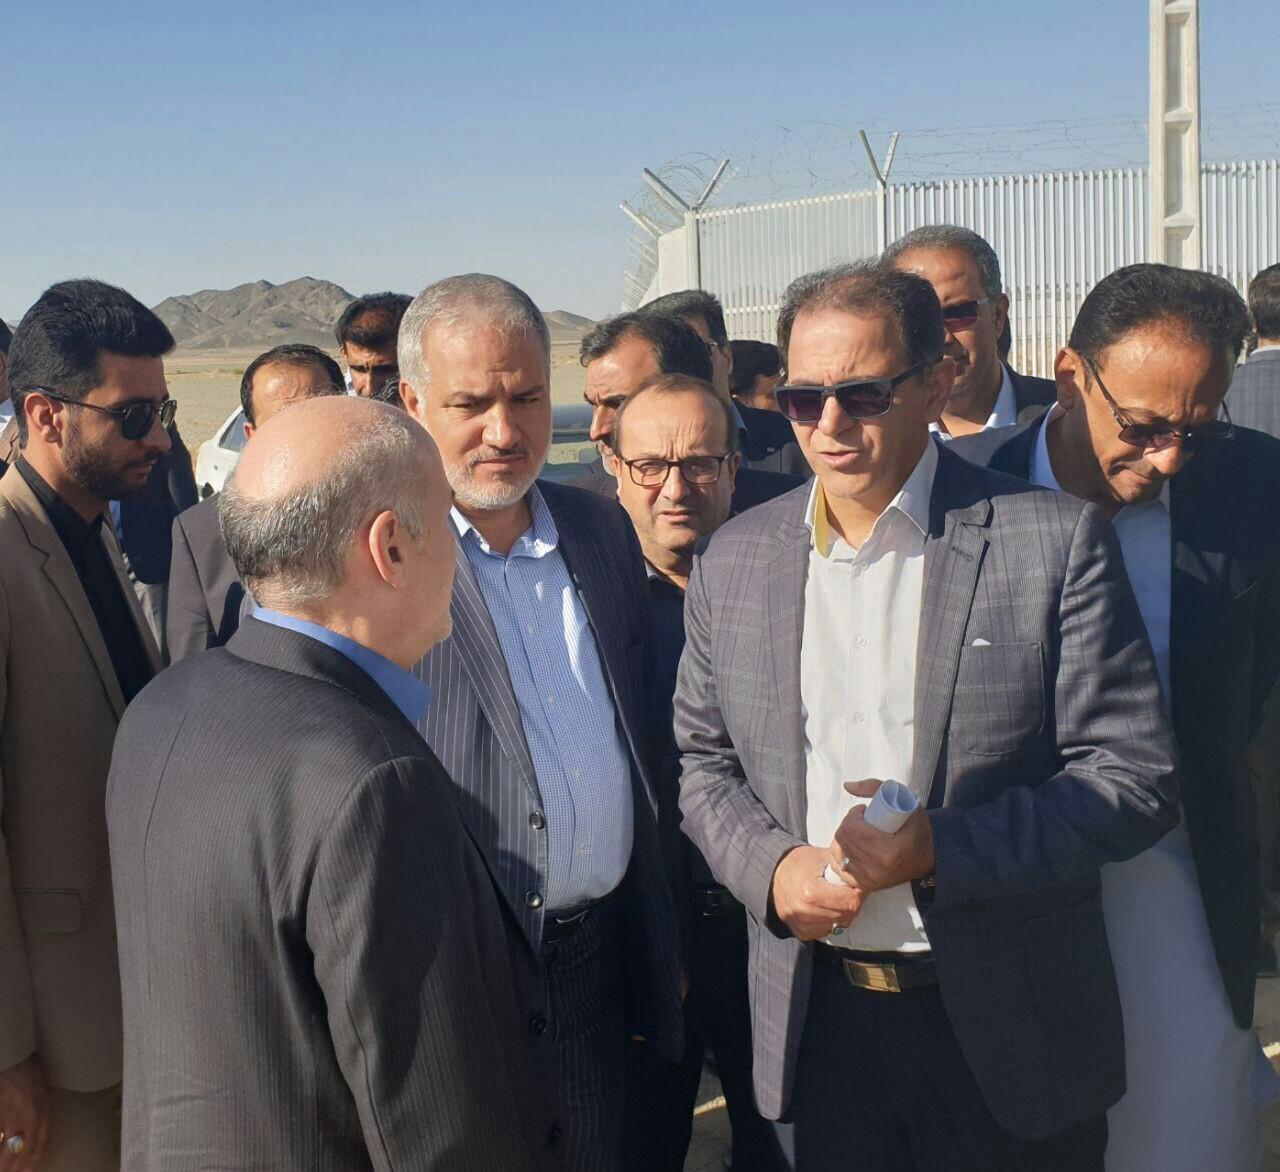 ۶ هزار میلیارد تومان اعتبار برای اجرای ۱۱۲۰ کیلومتر خط لوله گاز در سیستان و بلوچستان